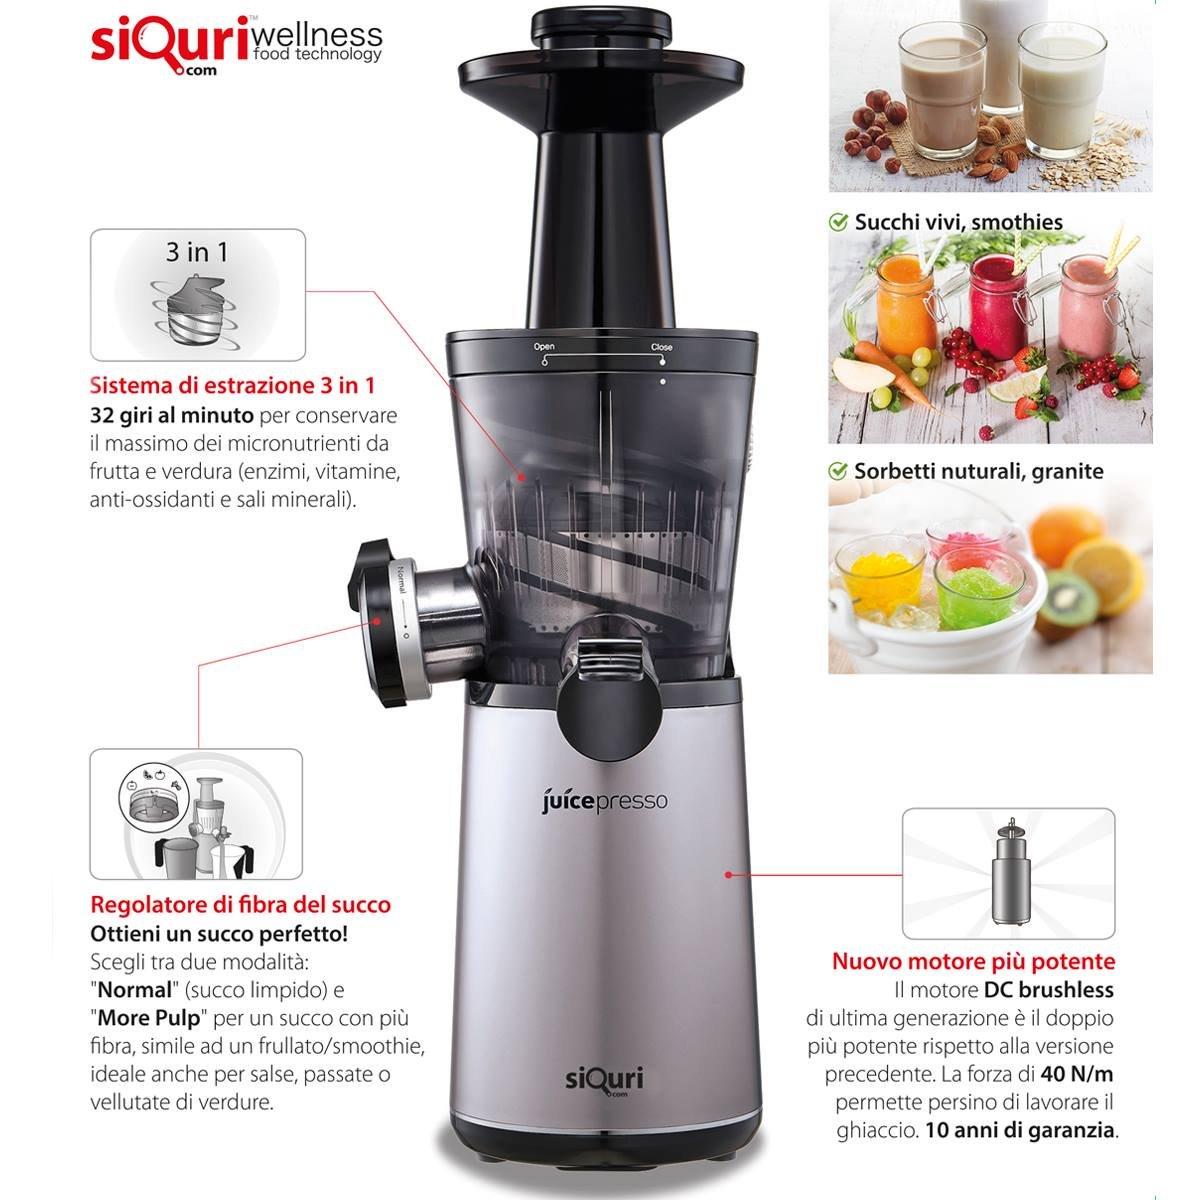 siQuri Juicepresso - Extractor de zumo con regulador de fibra: Amazon.es: Hogar